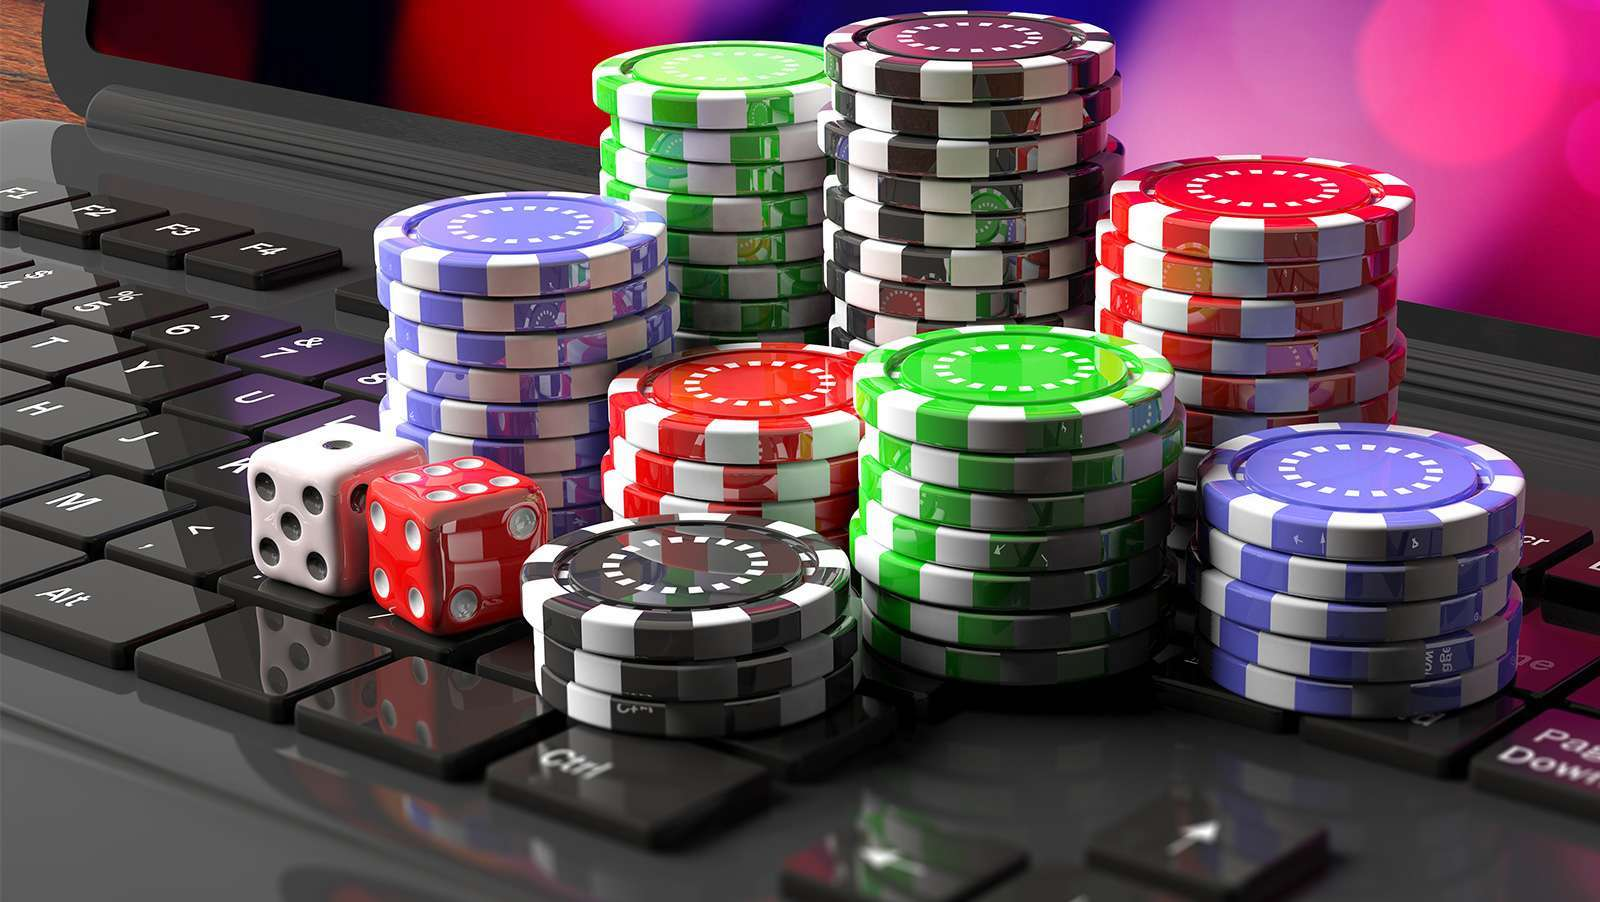 DATA SGP: THE REAL GAMBLING GAME